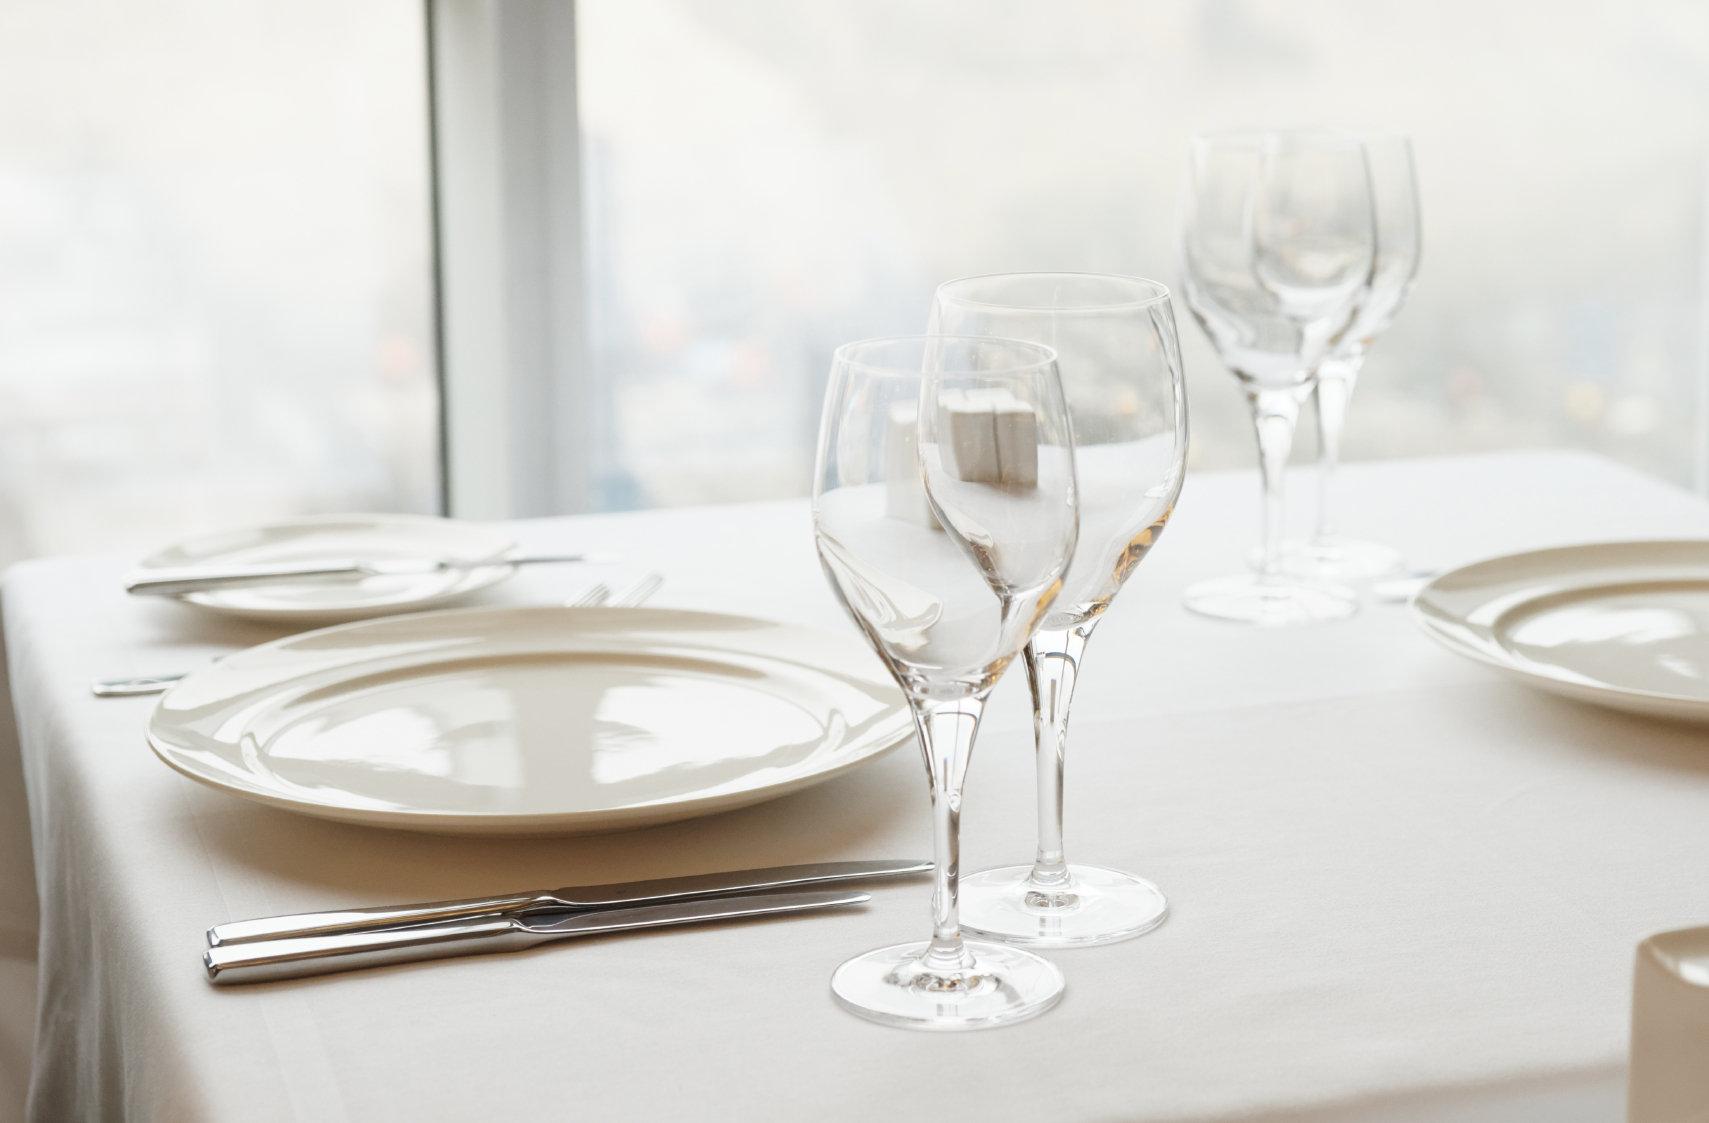 Table Cloth 137cm x 137cm